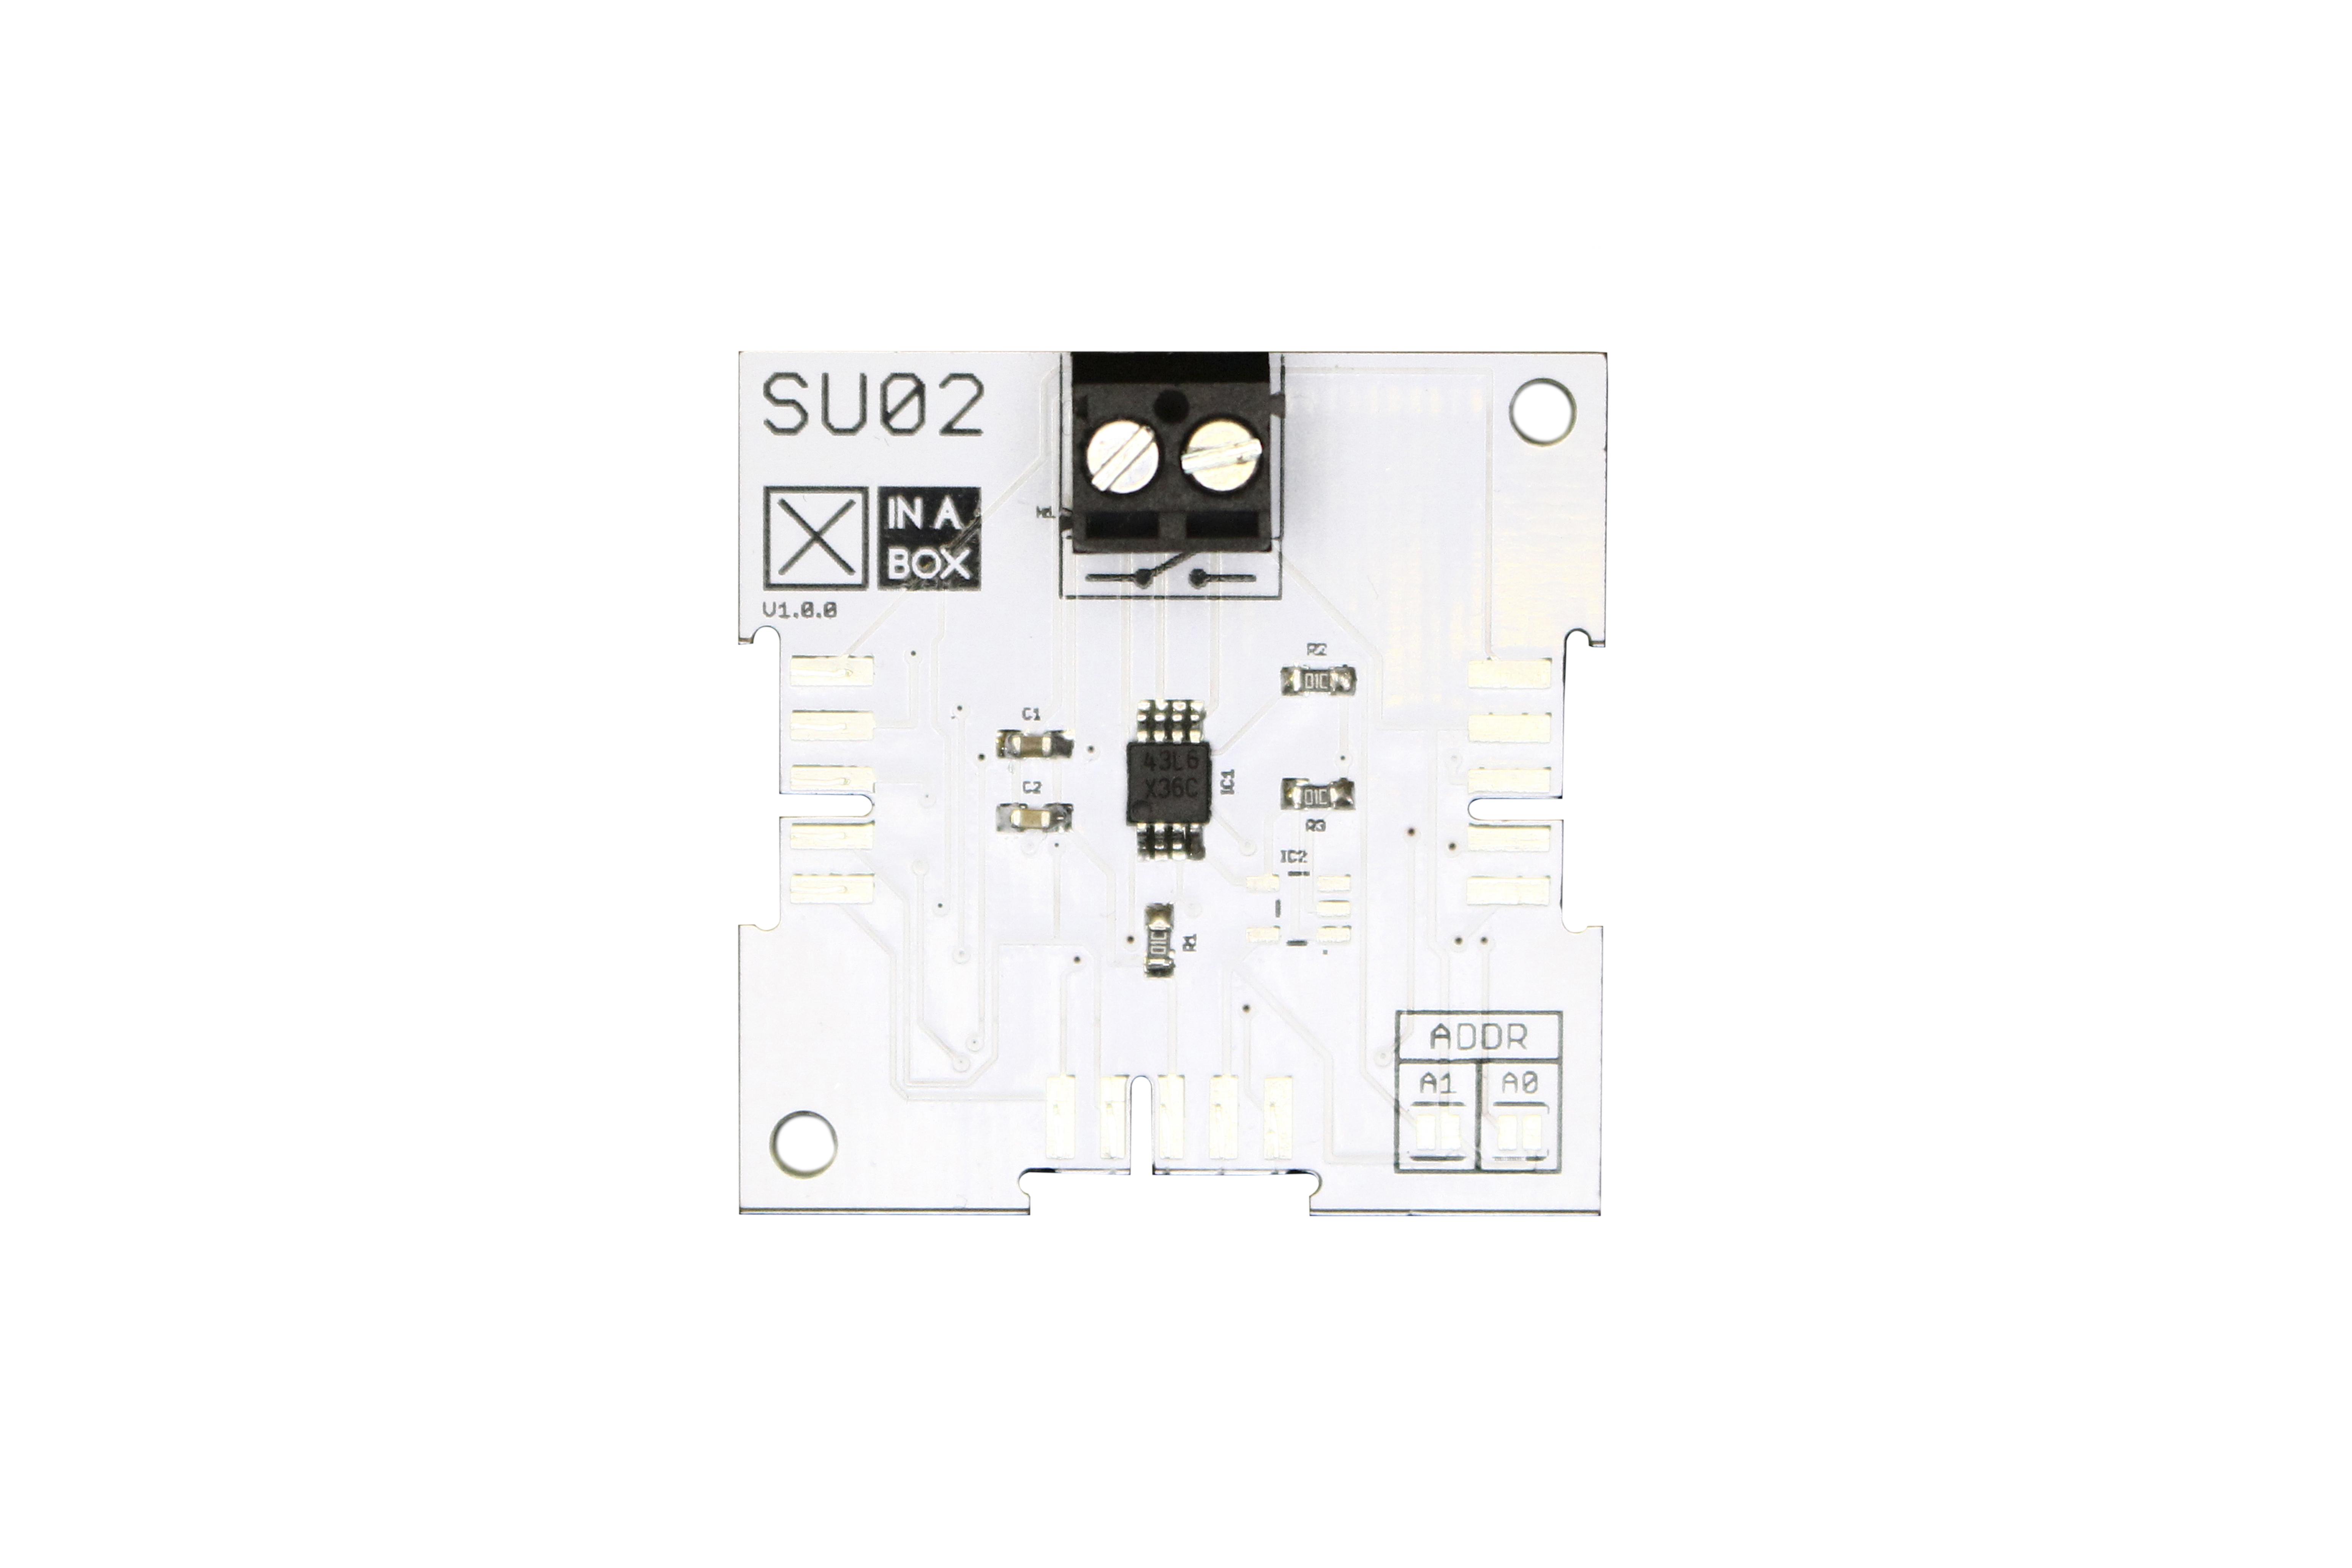 ユニバーサルデジタル入力(ADC081C021)